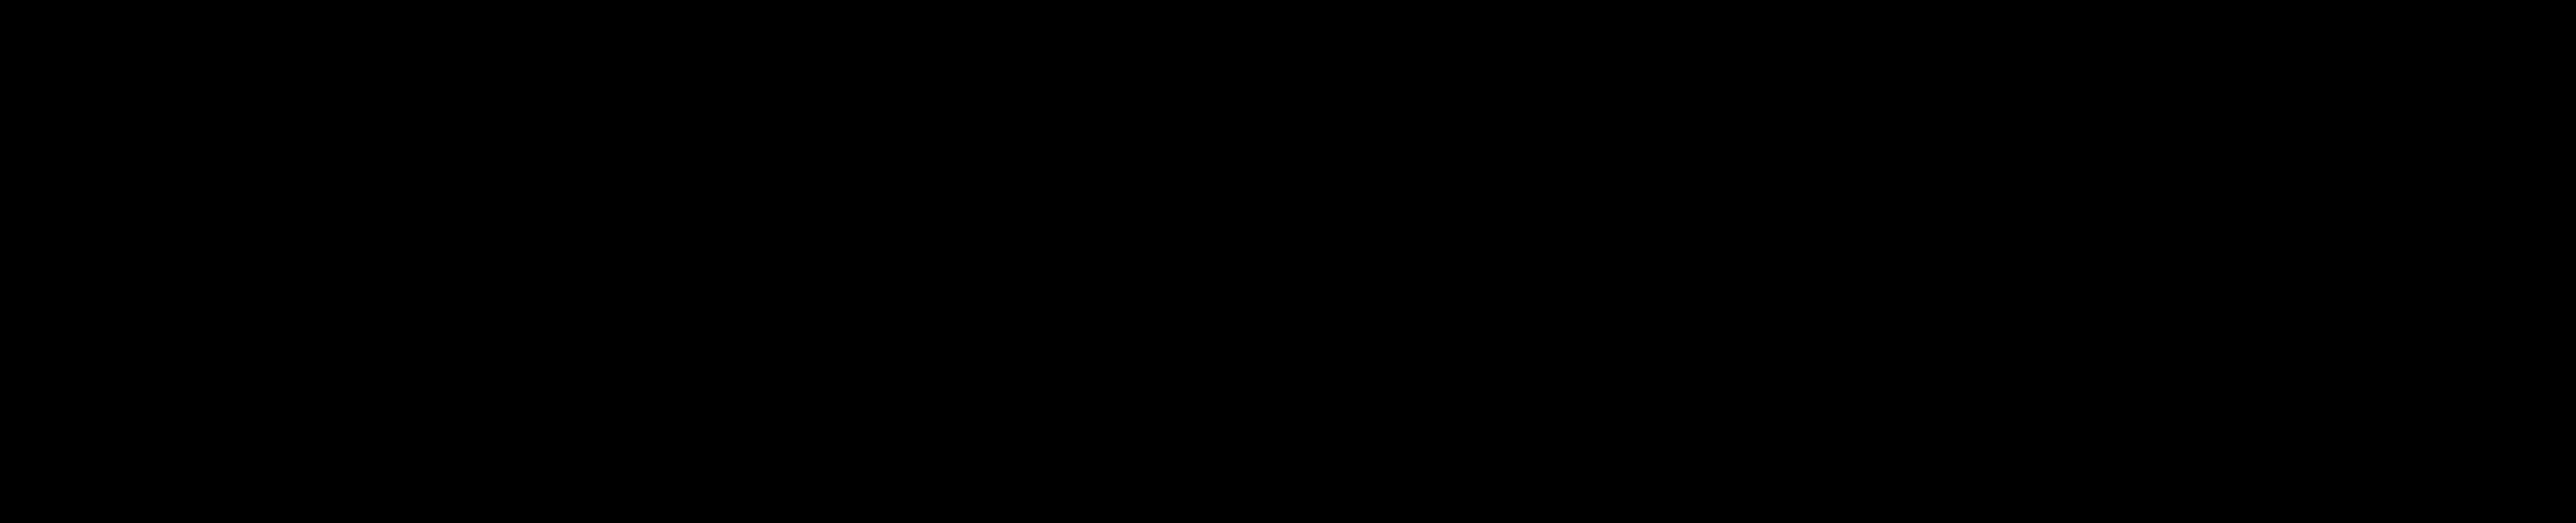 Prisma Labs – Logos Download